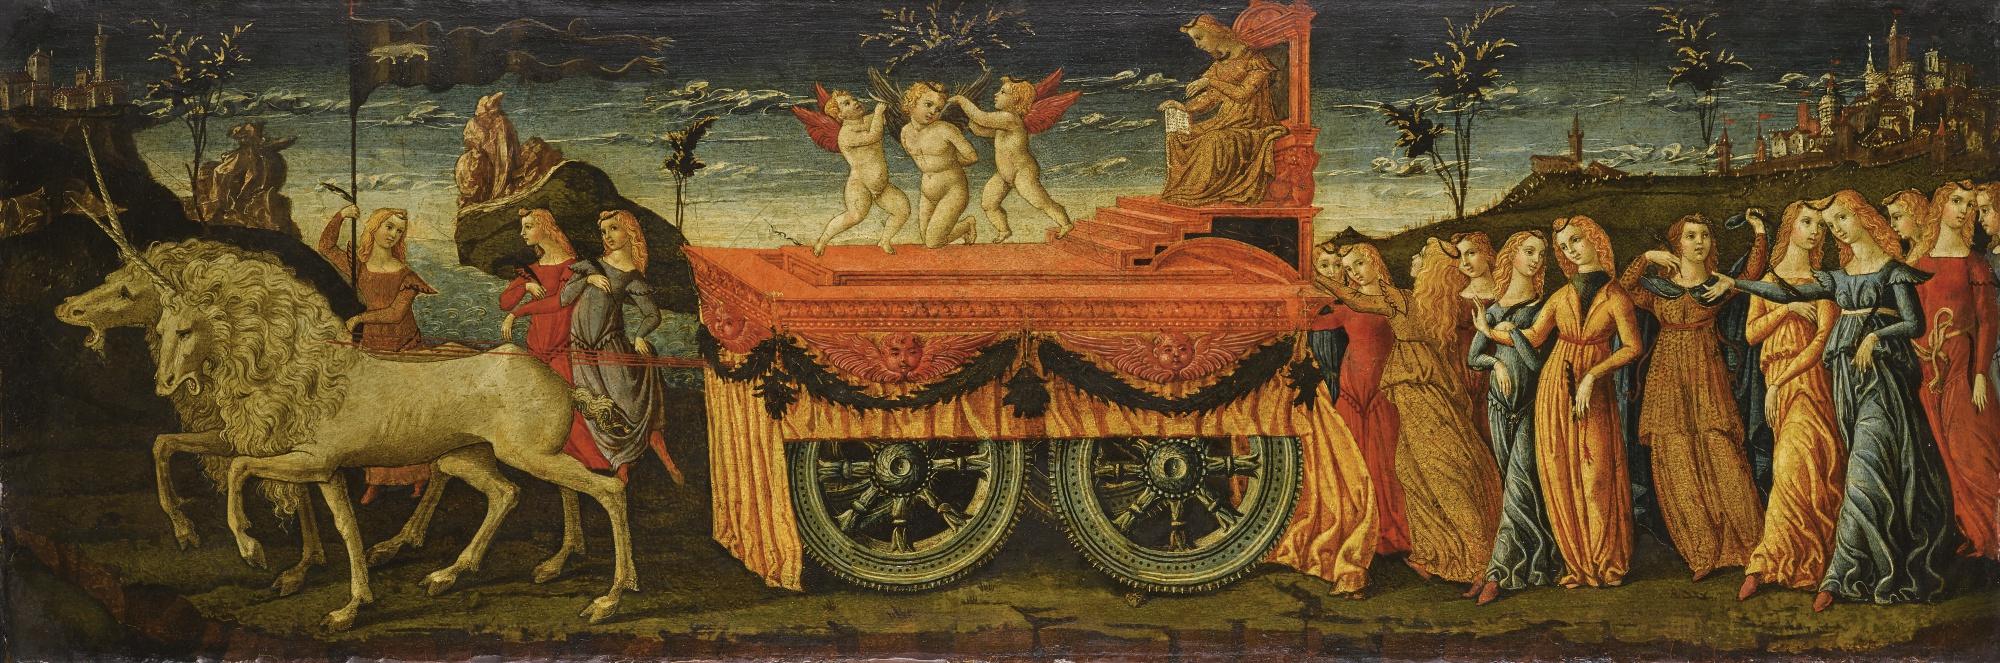 Либерале да Верона. Триумф христианства